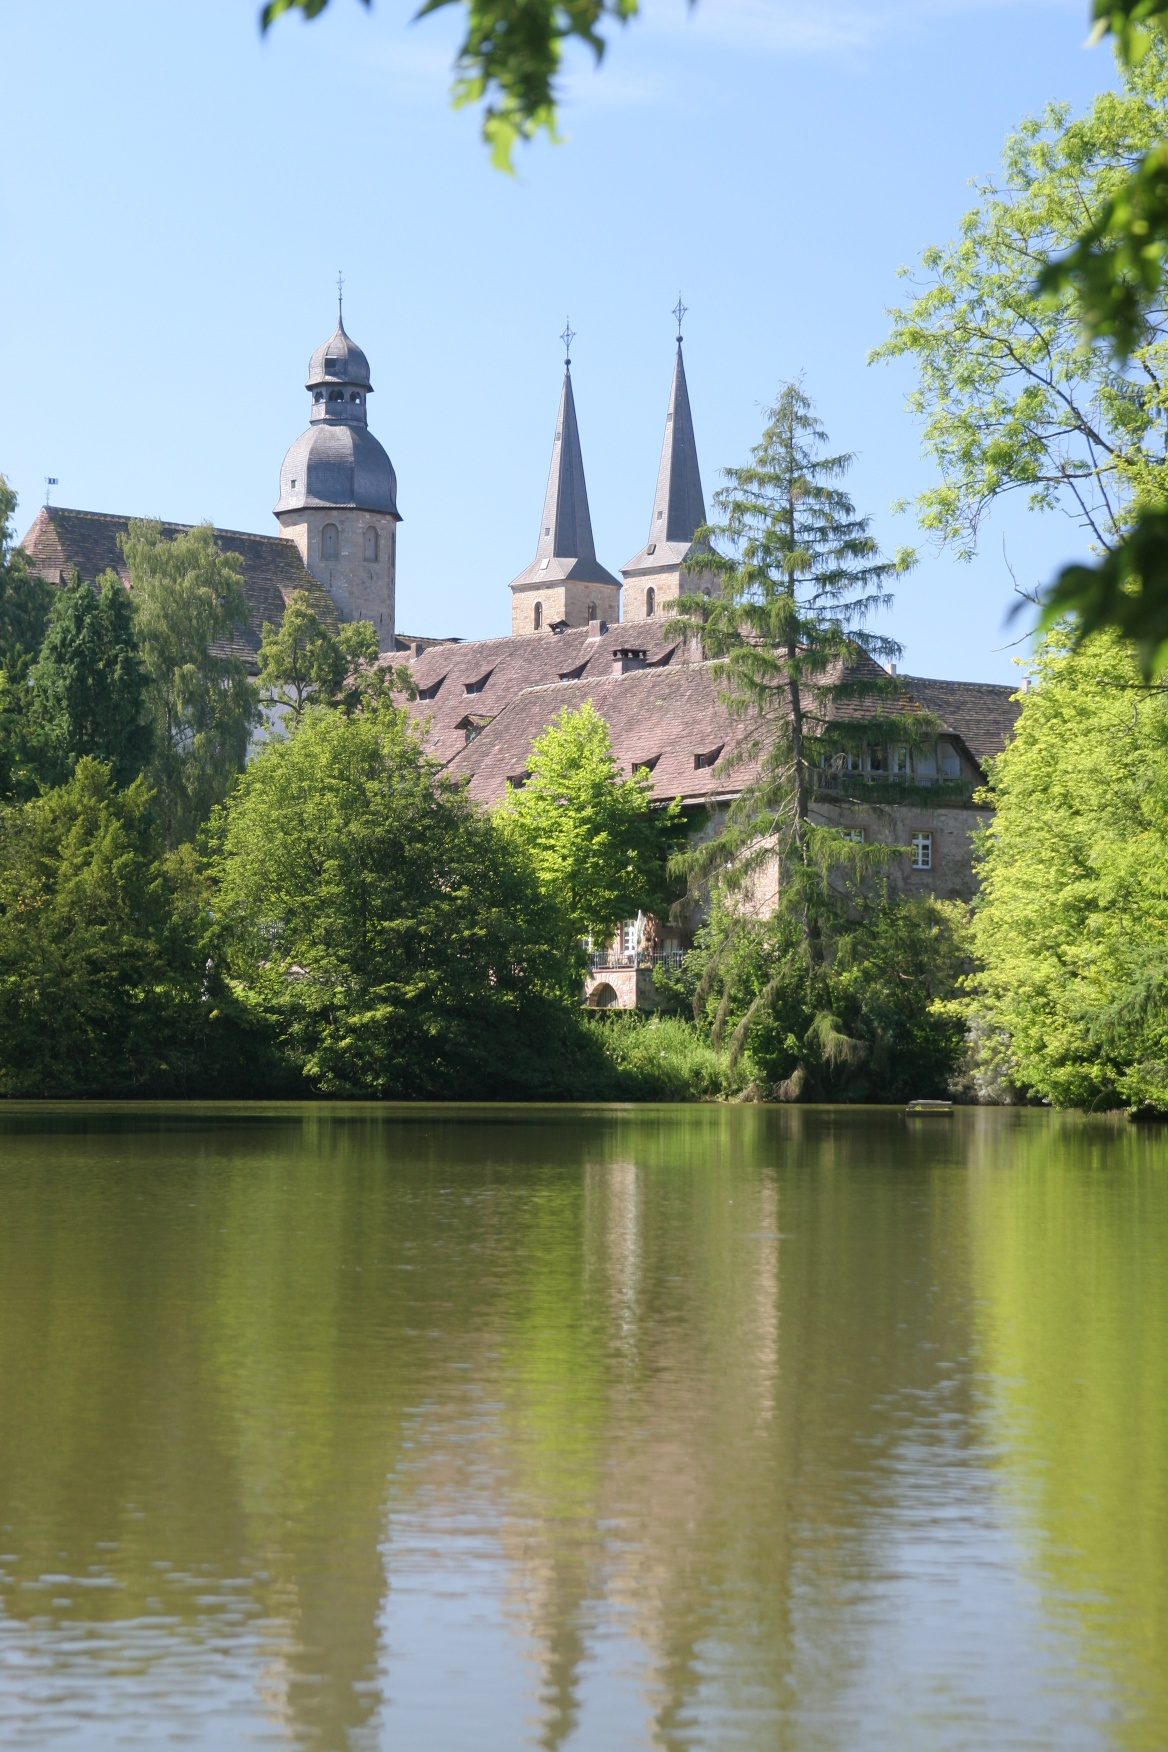 Abtei Marienmünster